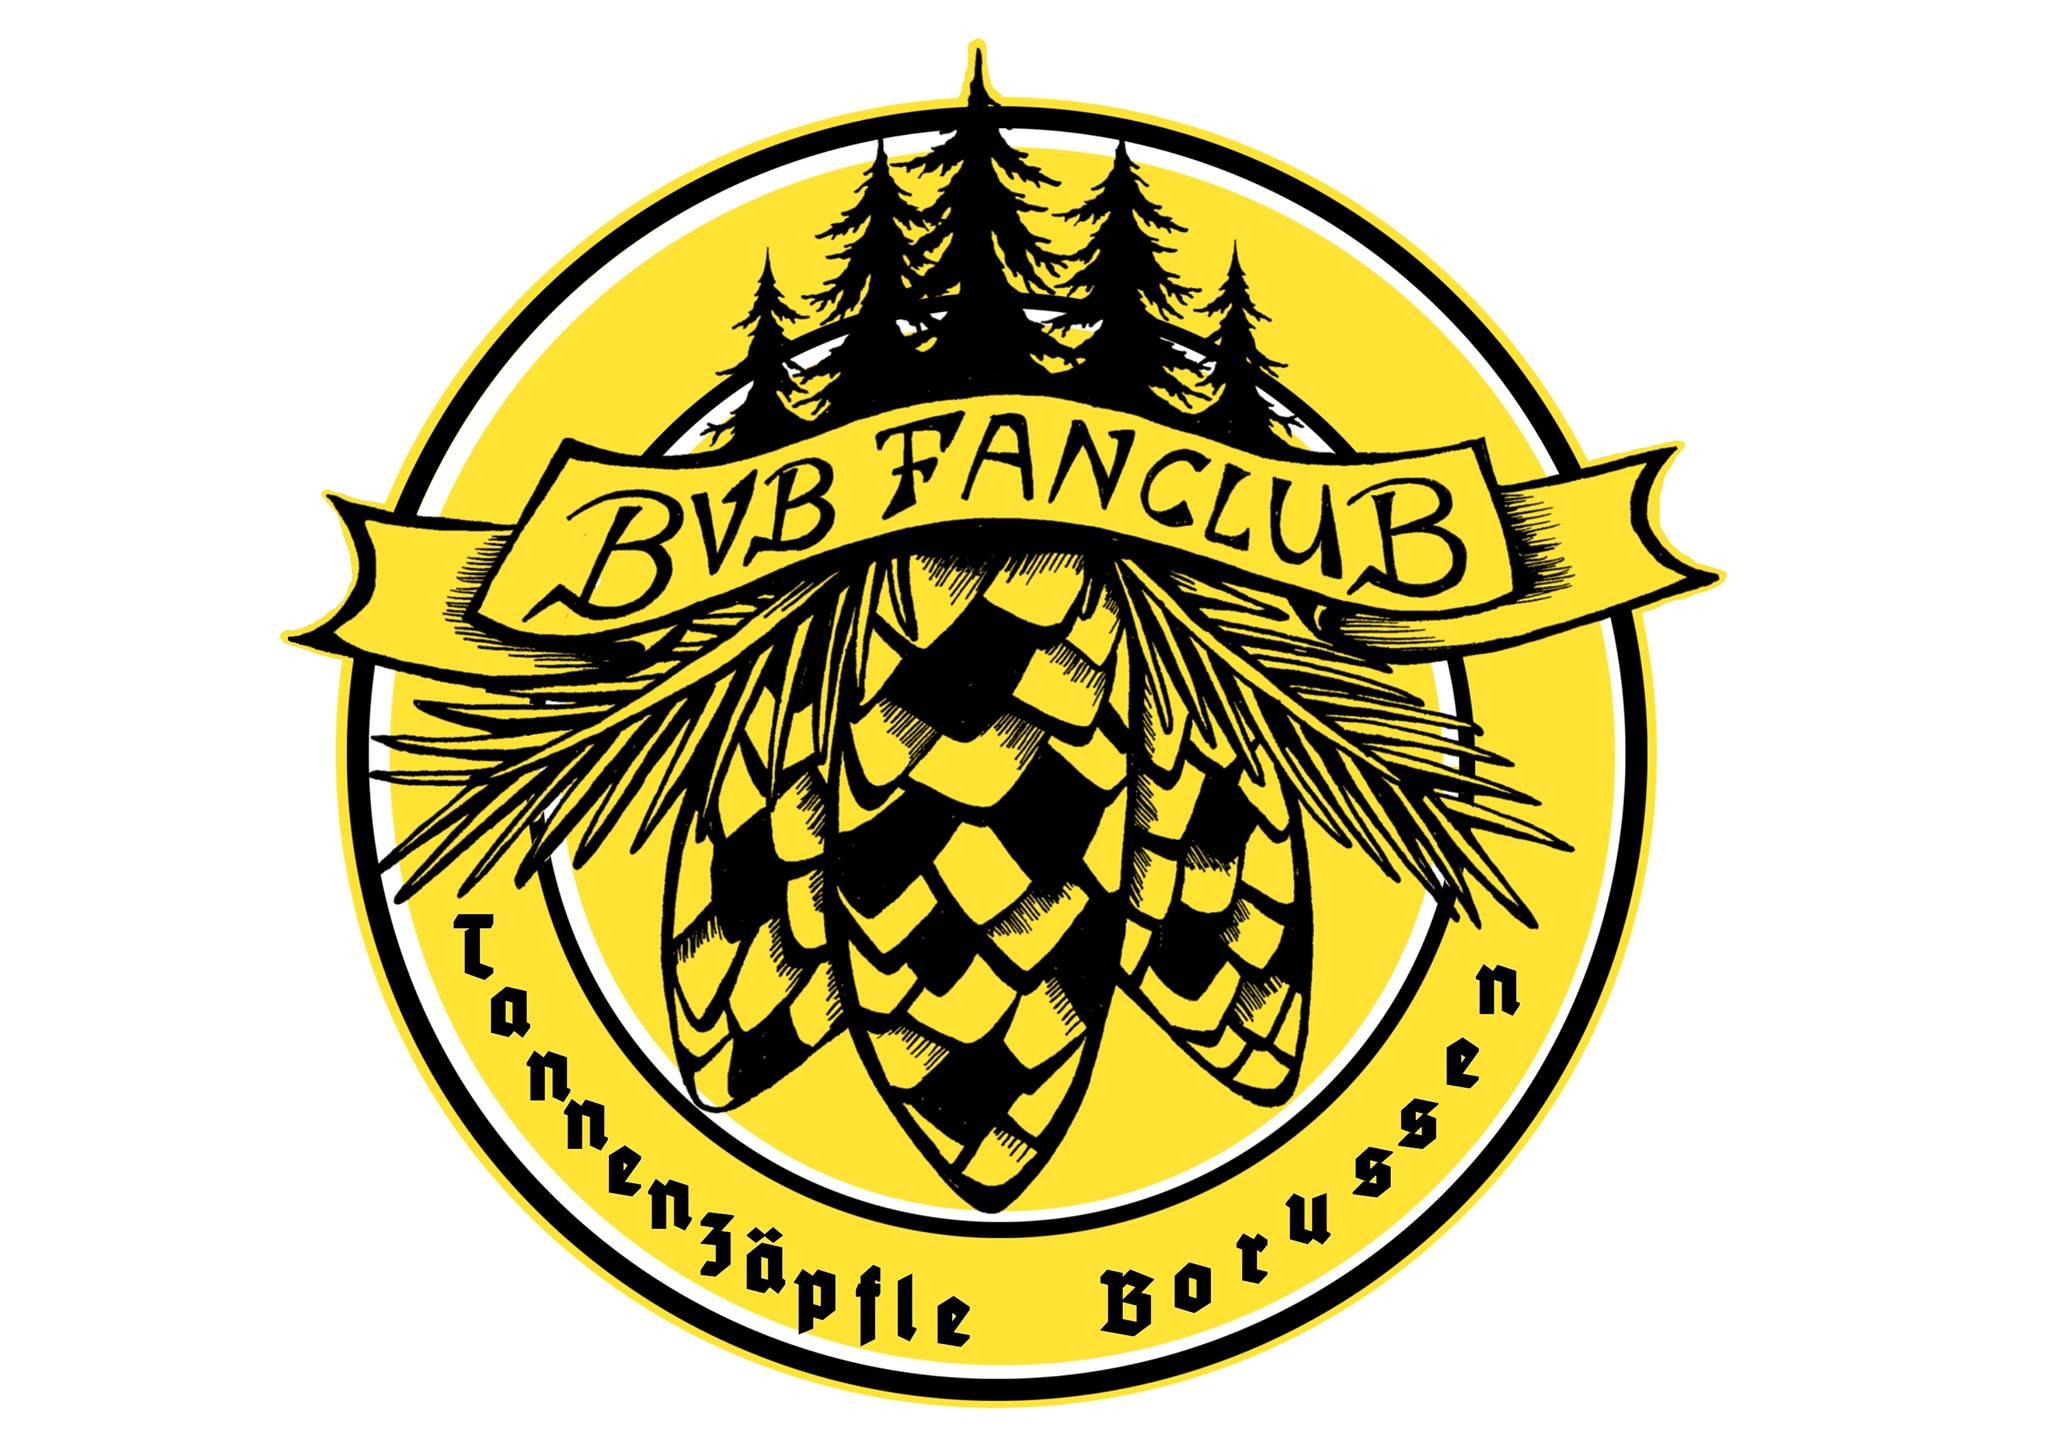 BVB Fanclub Tannenzäpfle Borussen Grafenhausen